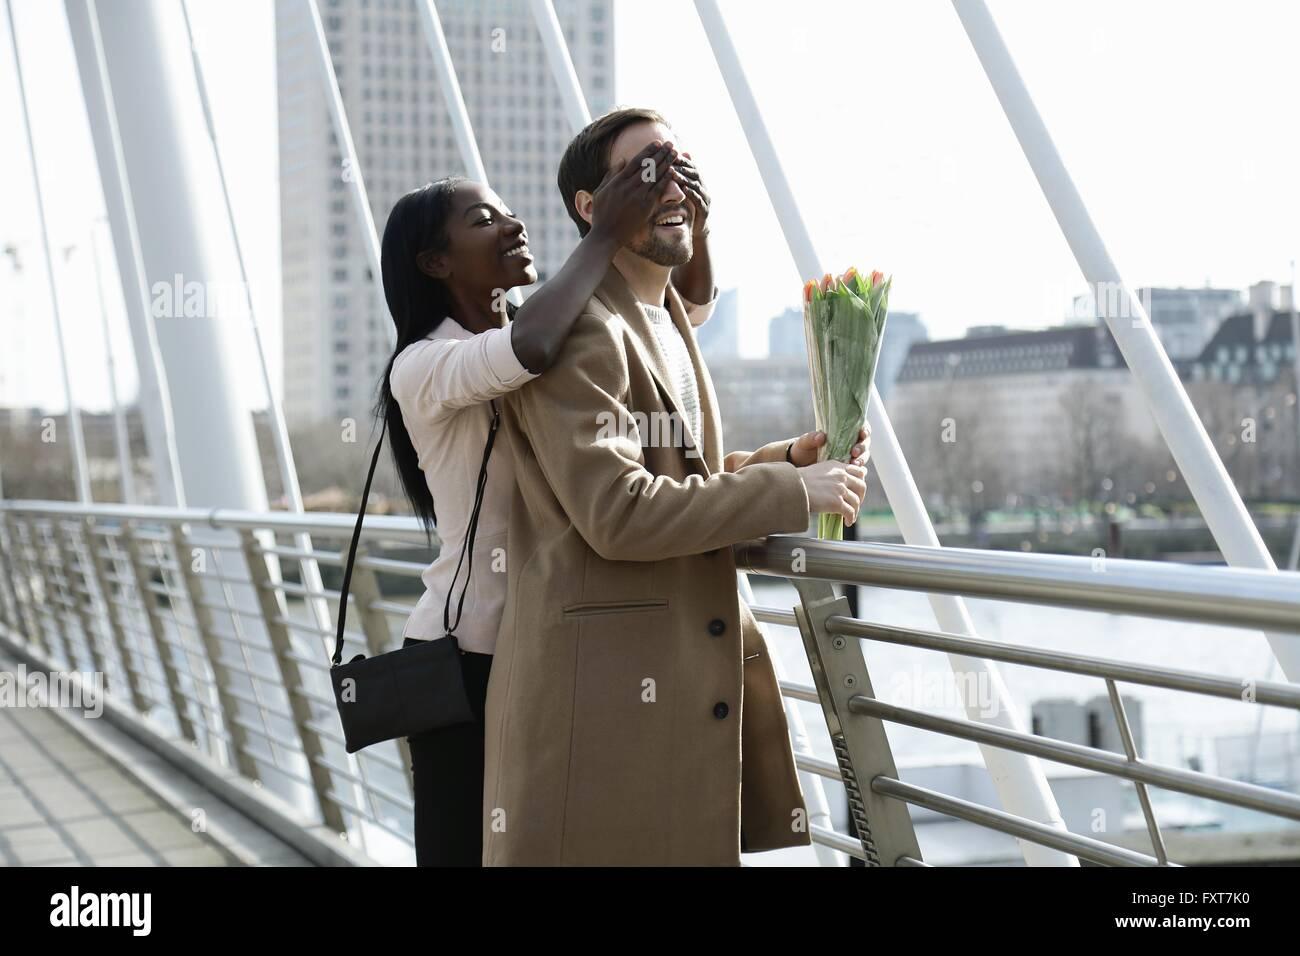 Hombre de pie en el puente, sosteniendo flores, mujer sorprendente él, cubre los ojos desde atrás Imagen De Stock